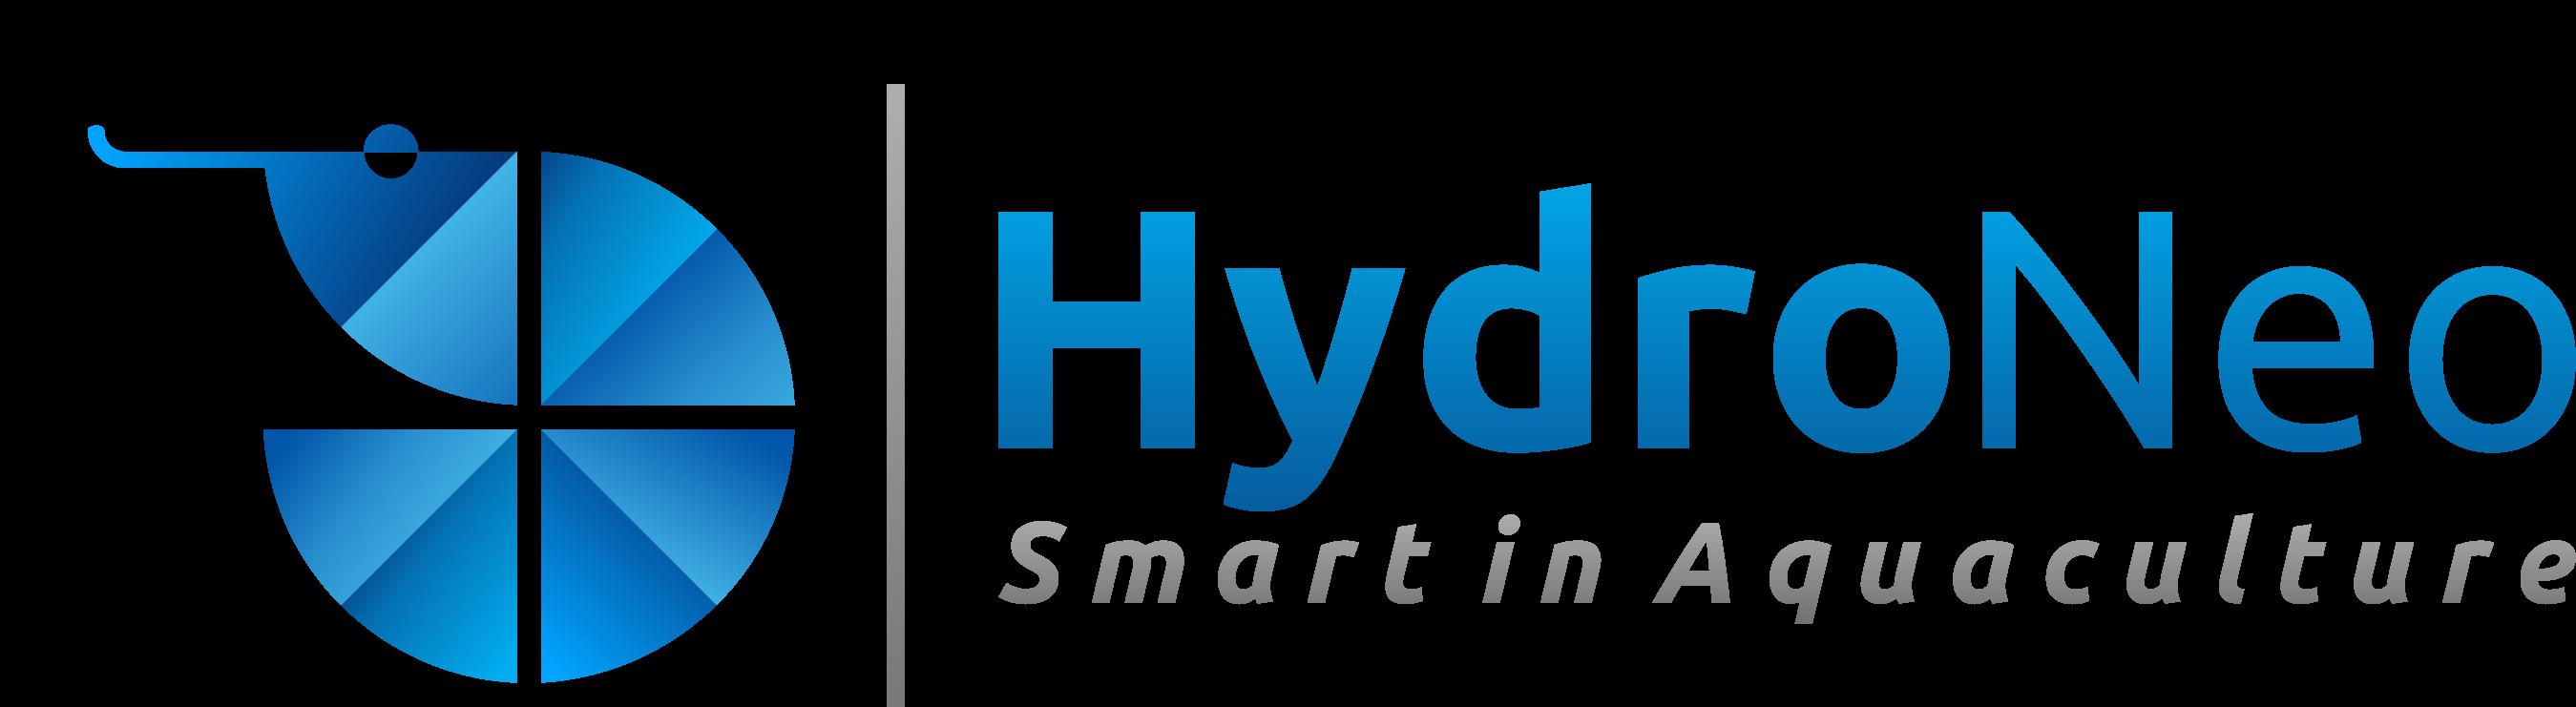 HydroNeo – Smart Aquaculture